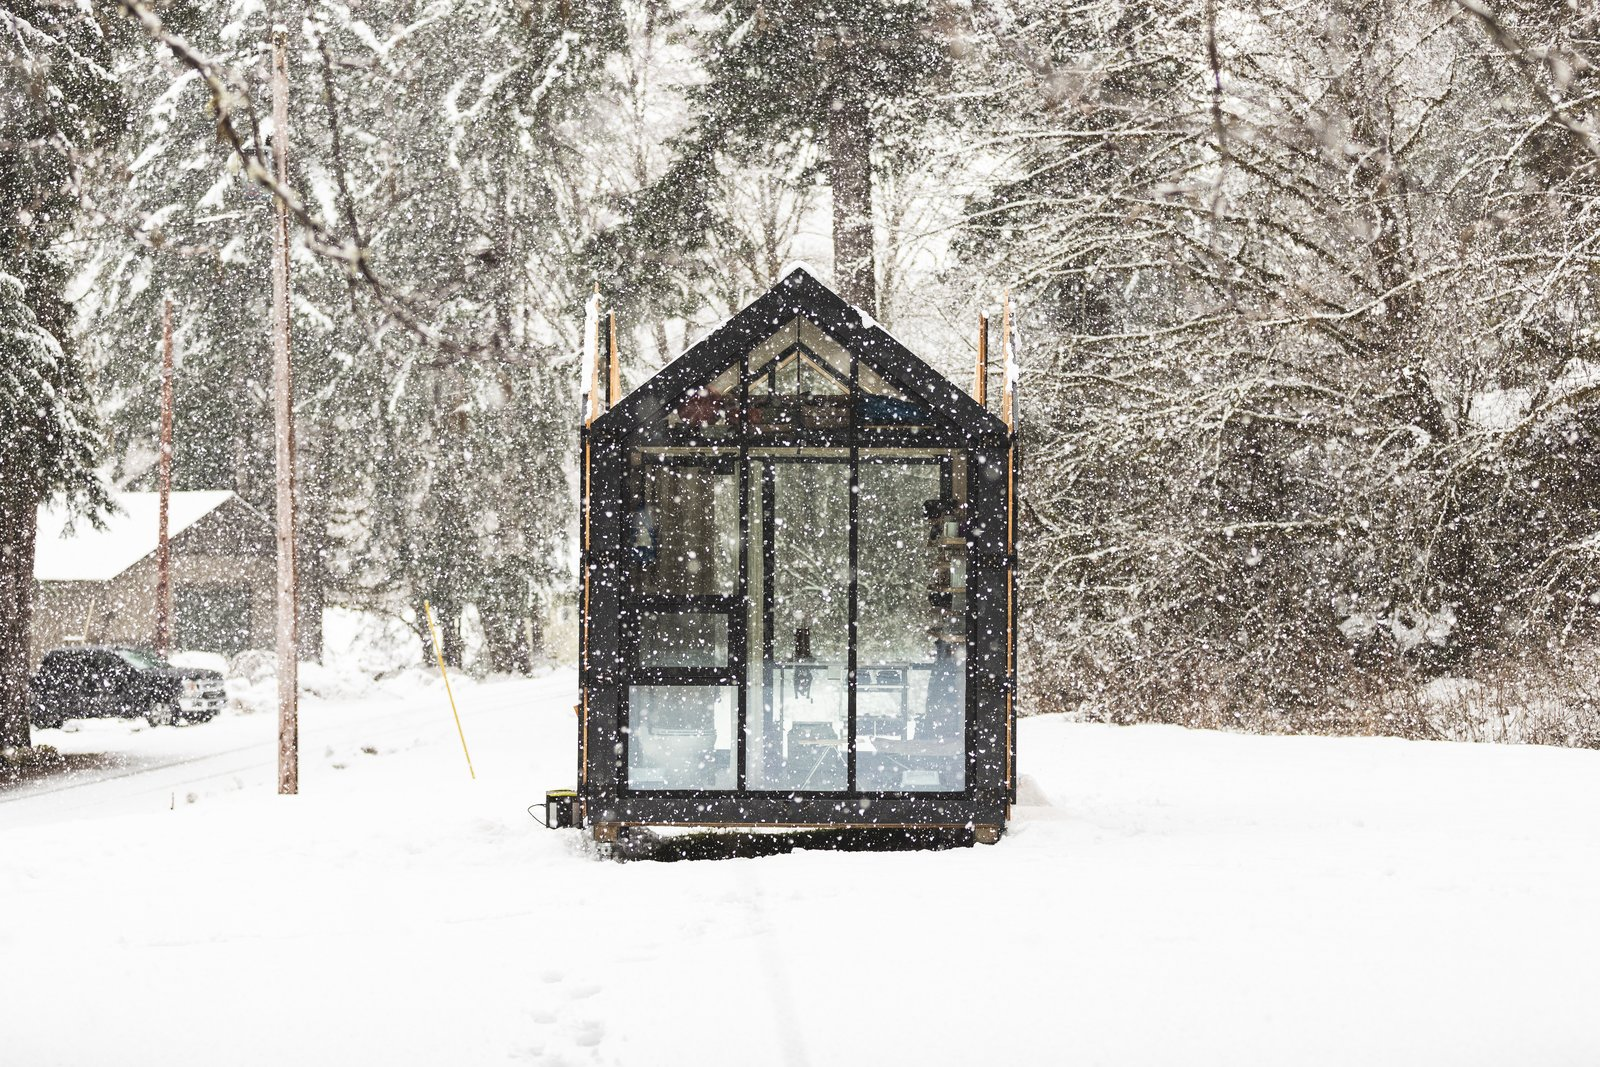 Elliot Mono prefab cabin